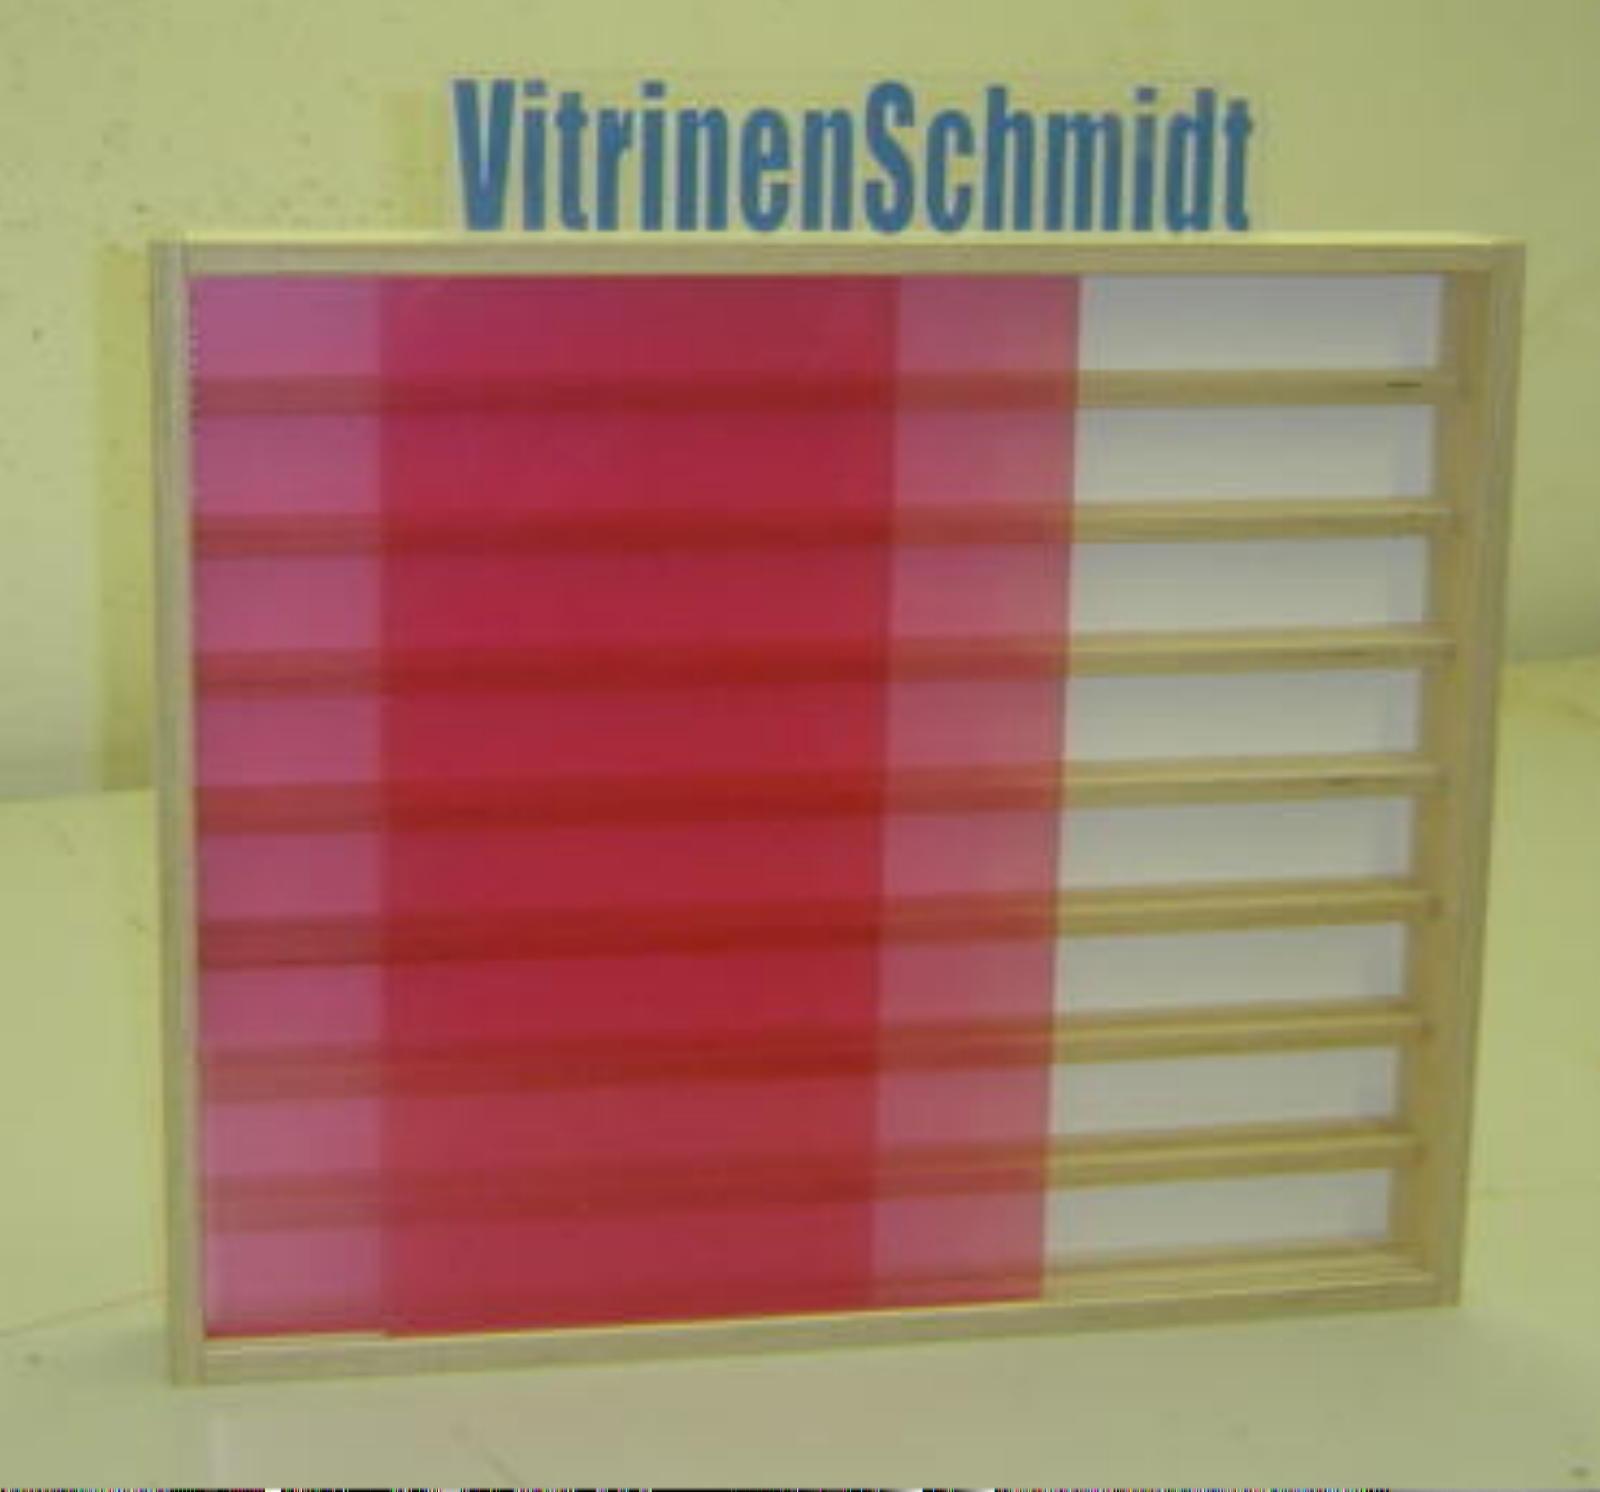 VitrinenSchmidt® Spur N Vitrinen Modelleisenbahn Breite 60cm-170cm 60cm-170cm 60cm-170cm große Auswahl  | Sonderangebot  305ed8